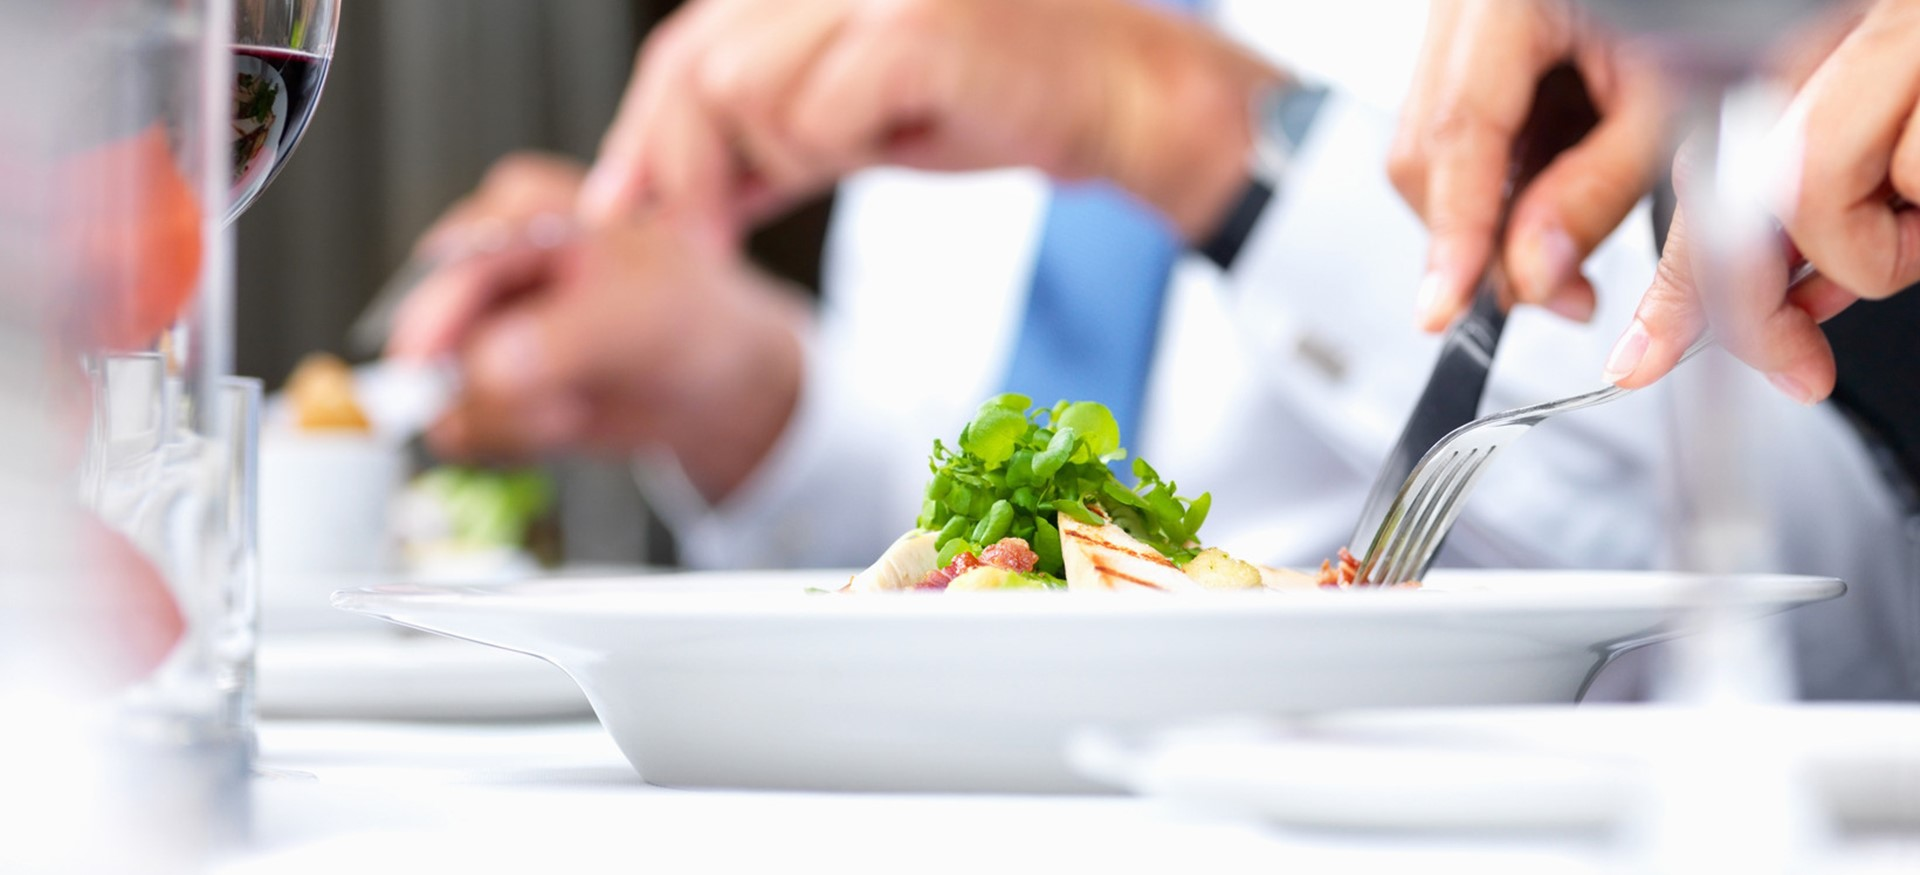 7 Strategi Pemasaran Rumah Makan Secara Online yang Mudah Dijalankan